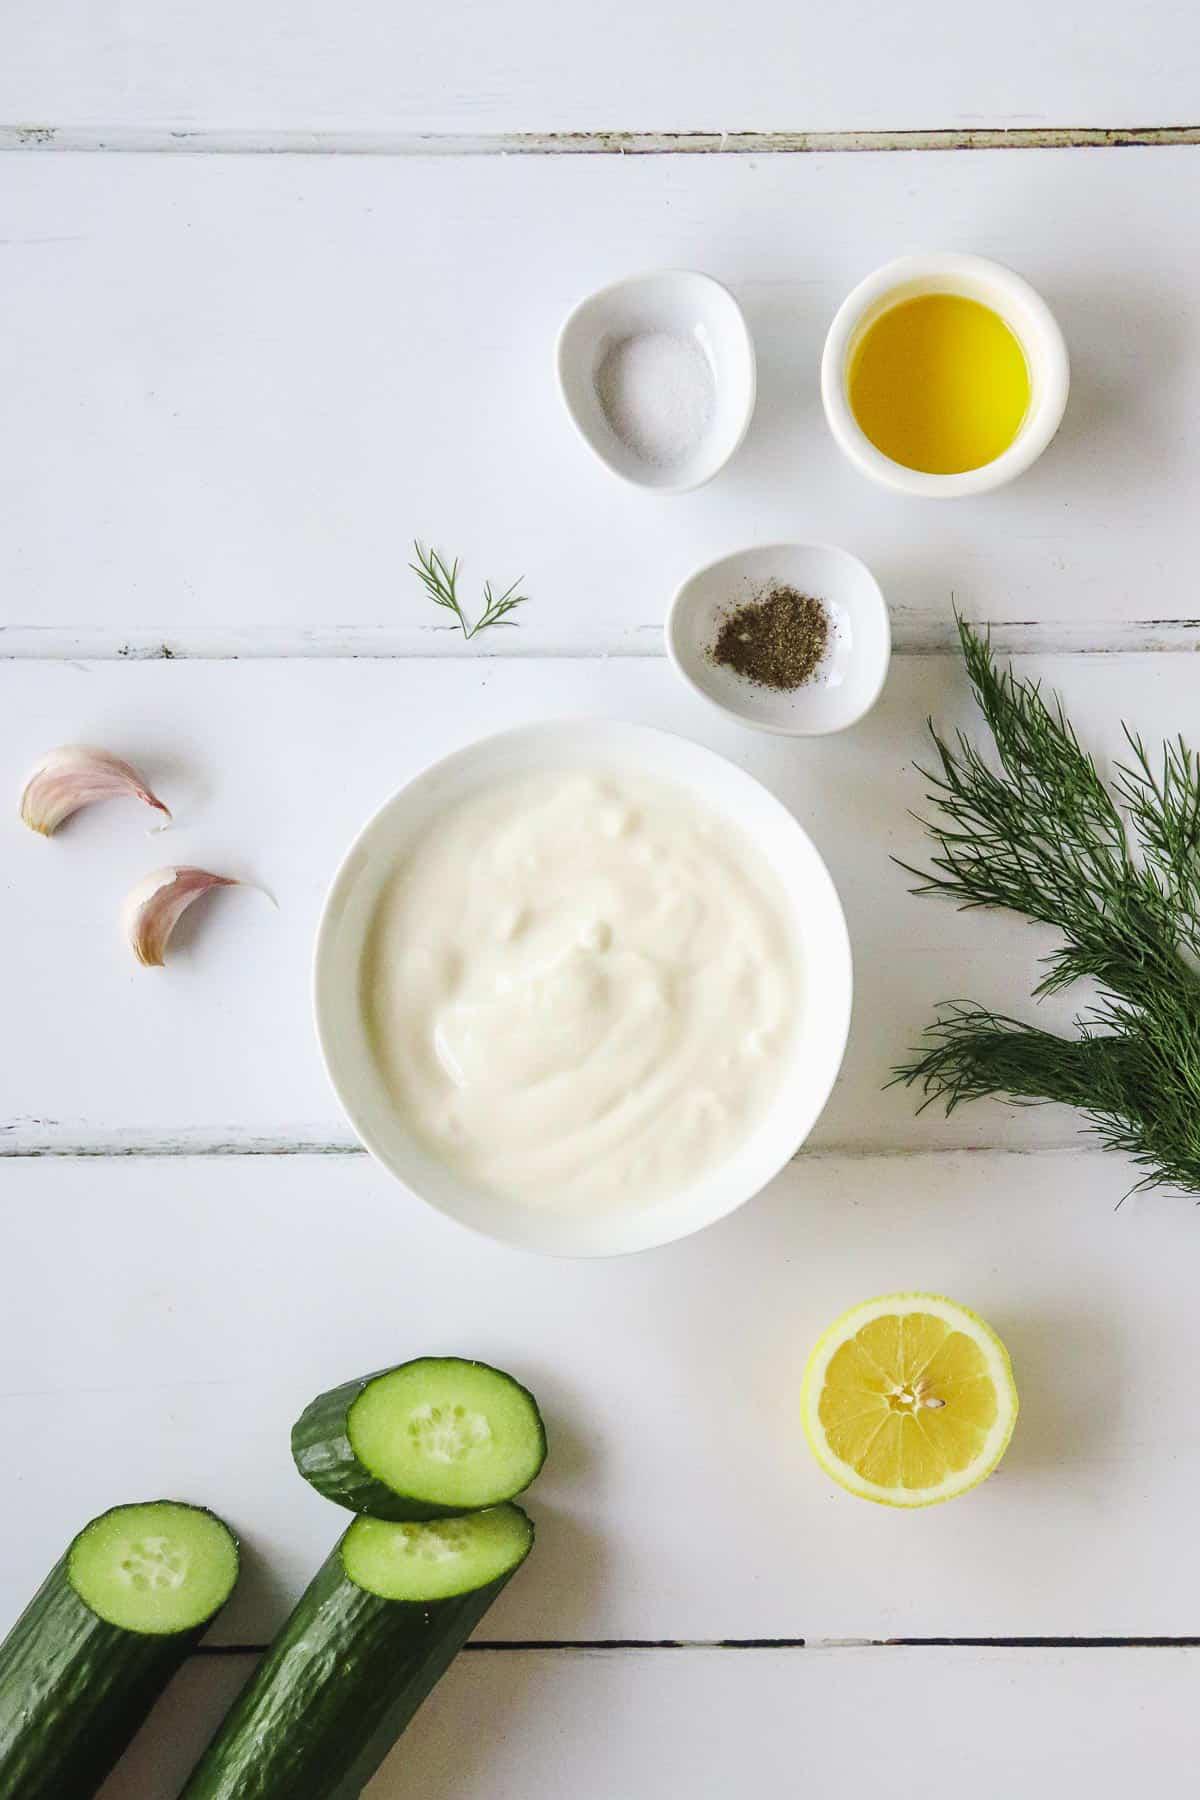 Ingredients to make vegan tzatziki